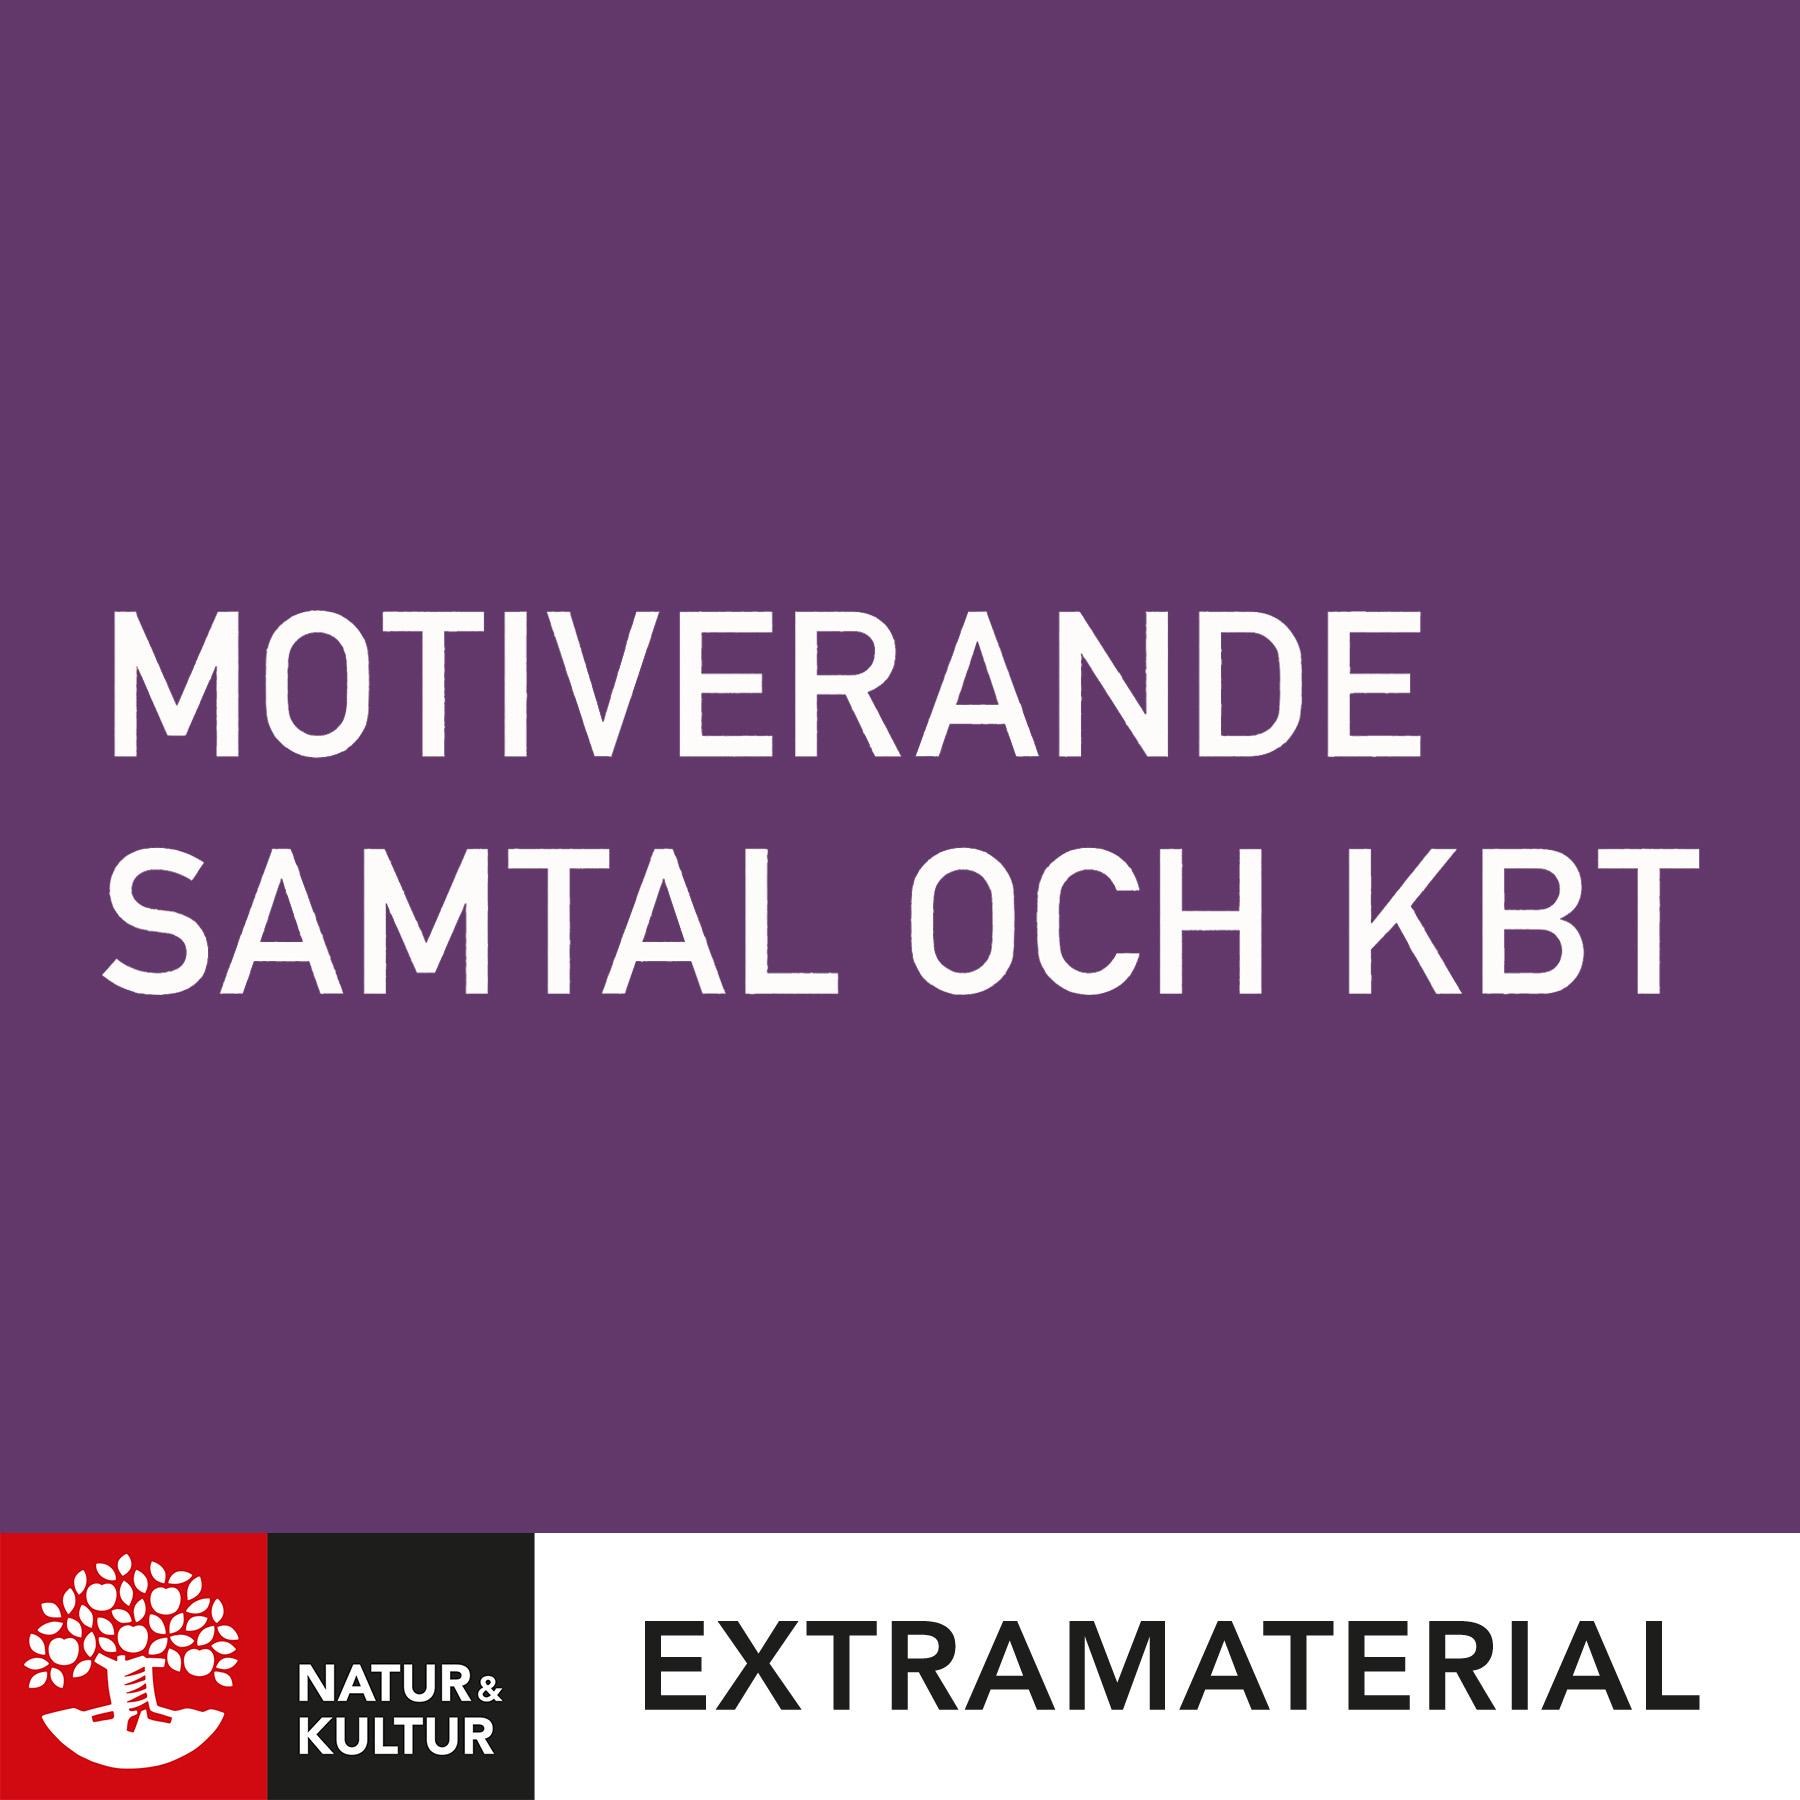 Motiverande samtal och KBT